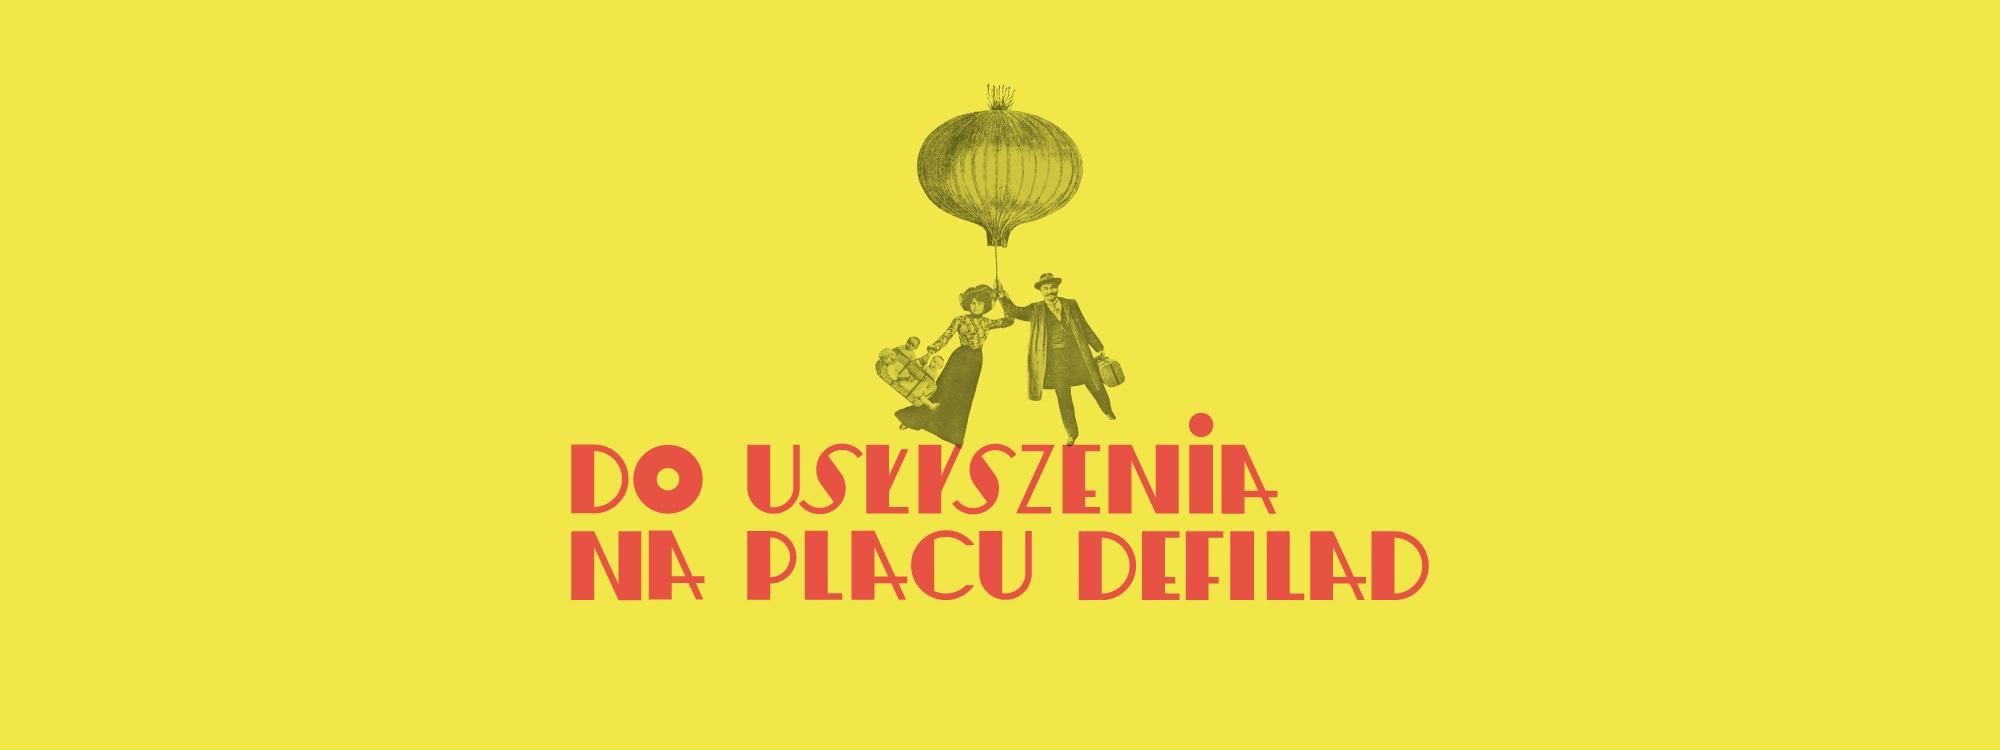 """""""Festiwal Słuchowisk Do usłyszenia na Placu Defilad"""" – plakat (źródło: materiały prasowe organizatora)"""